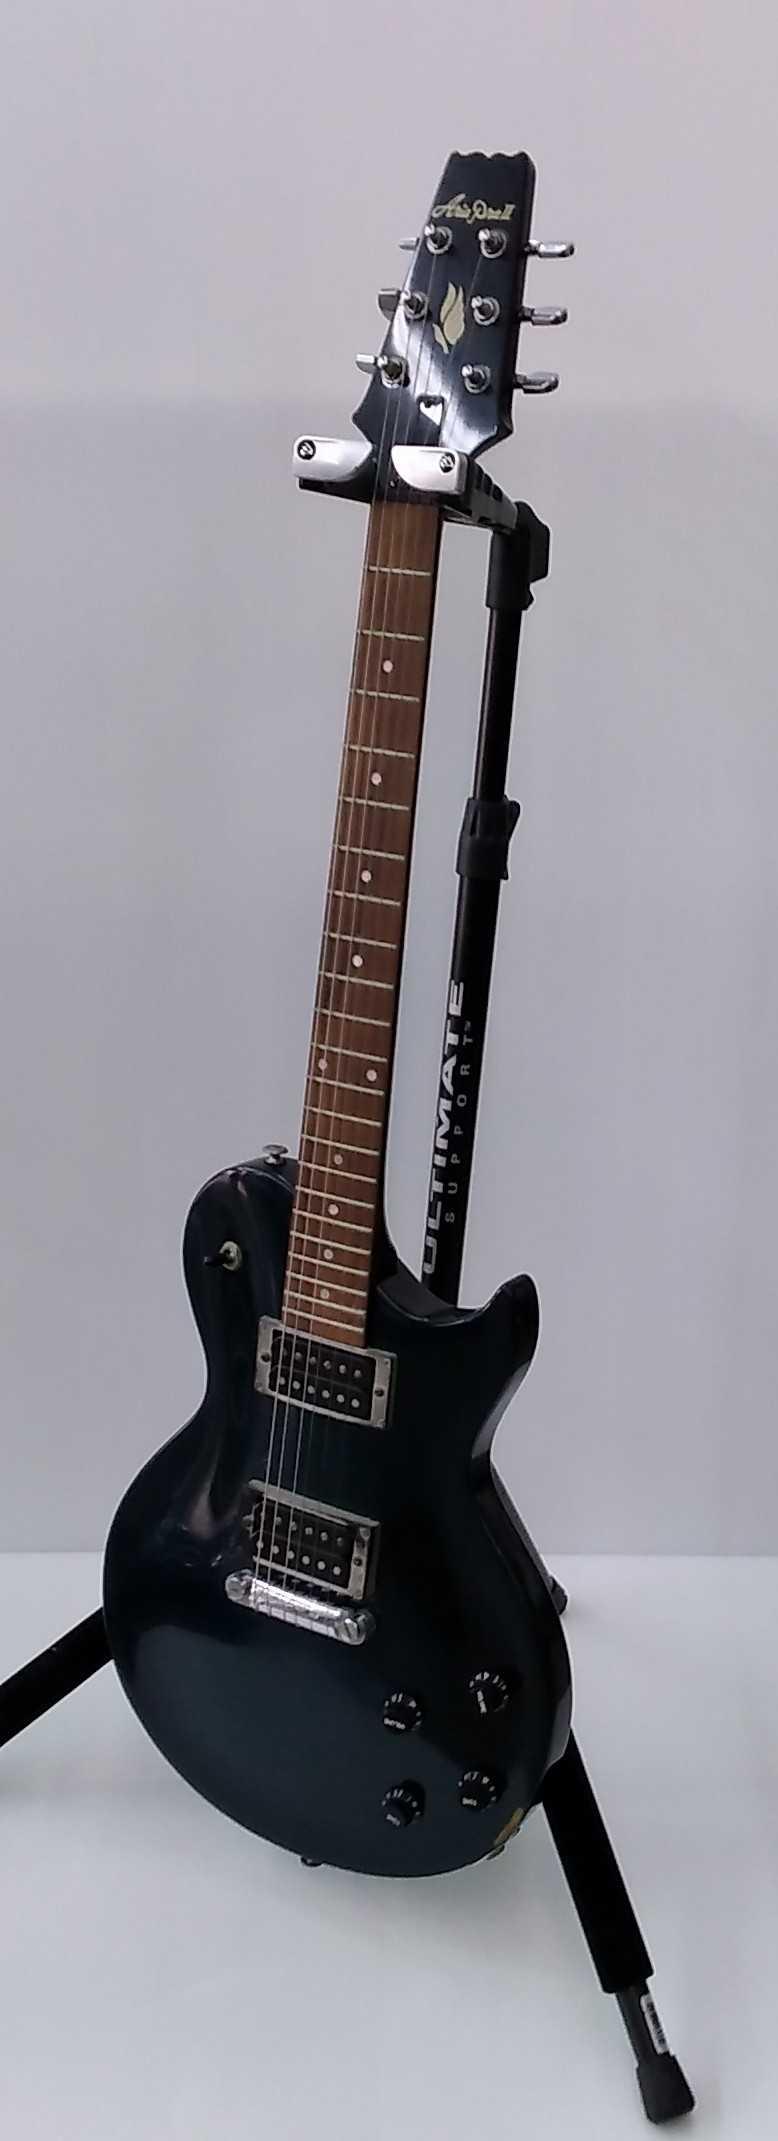 エレキギター|ARIA PROⅡ